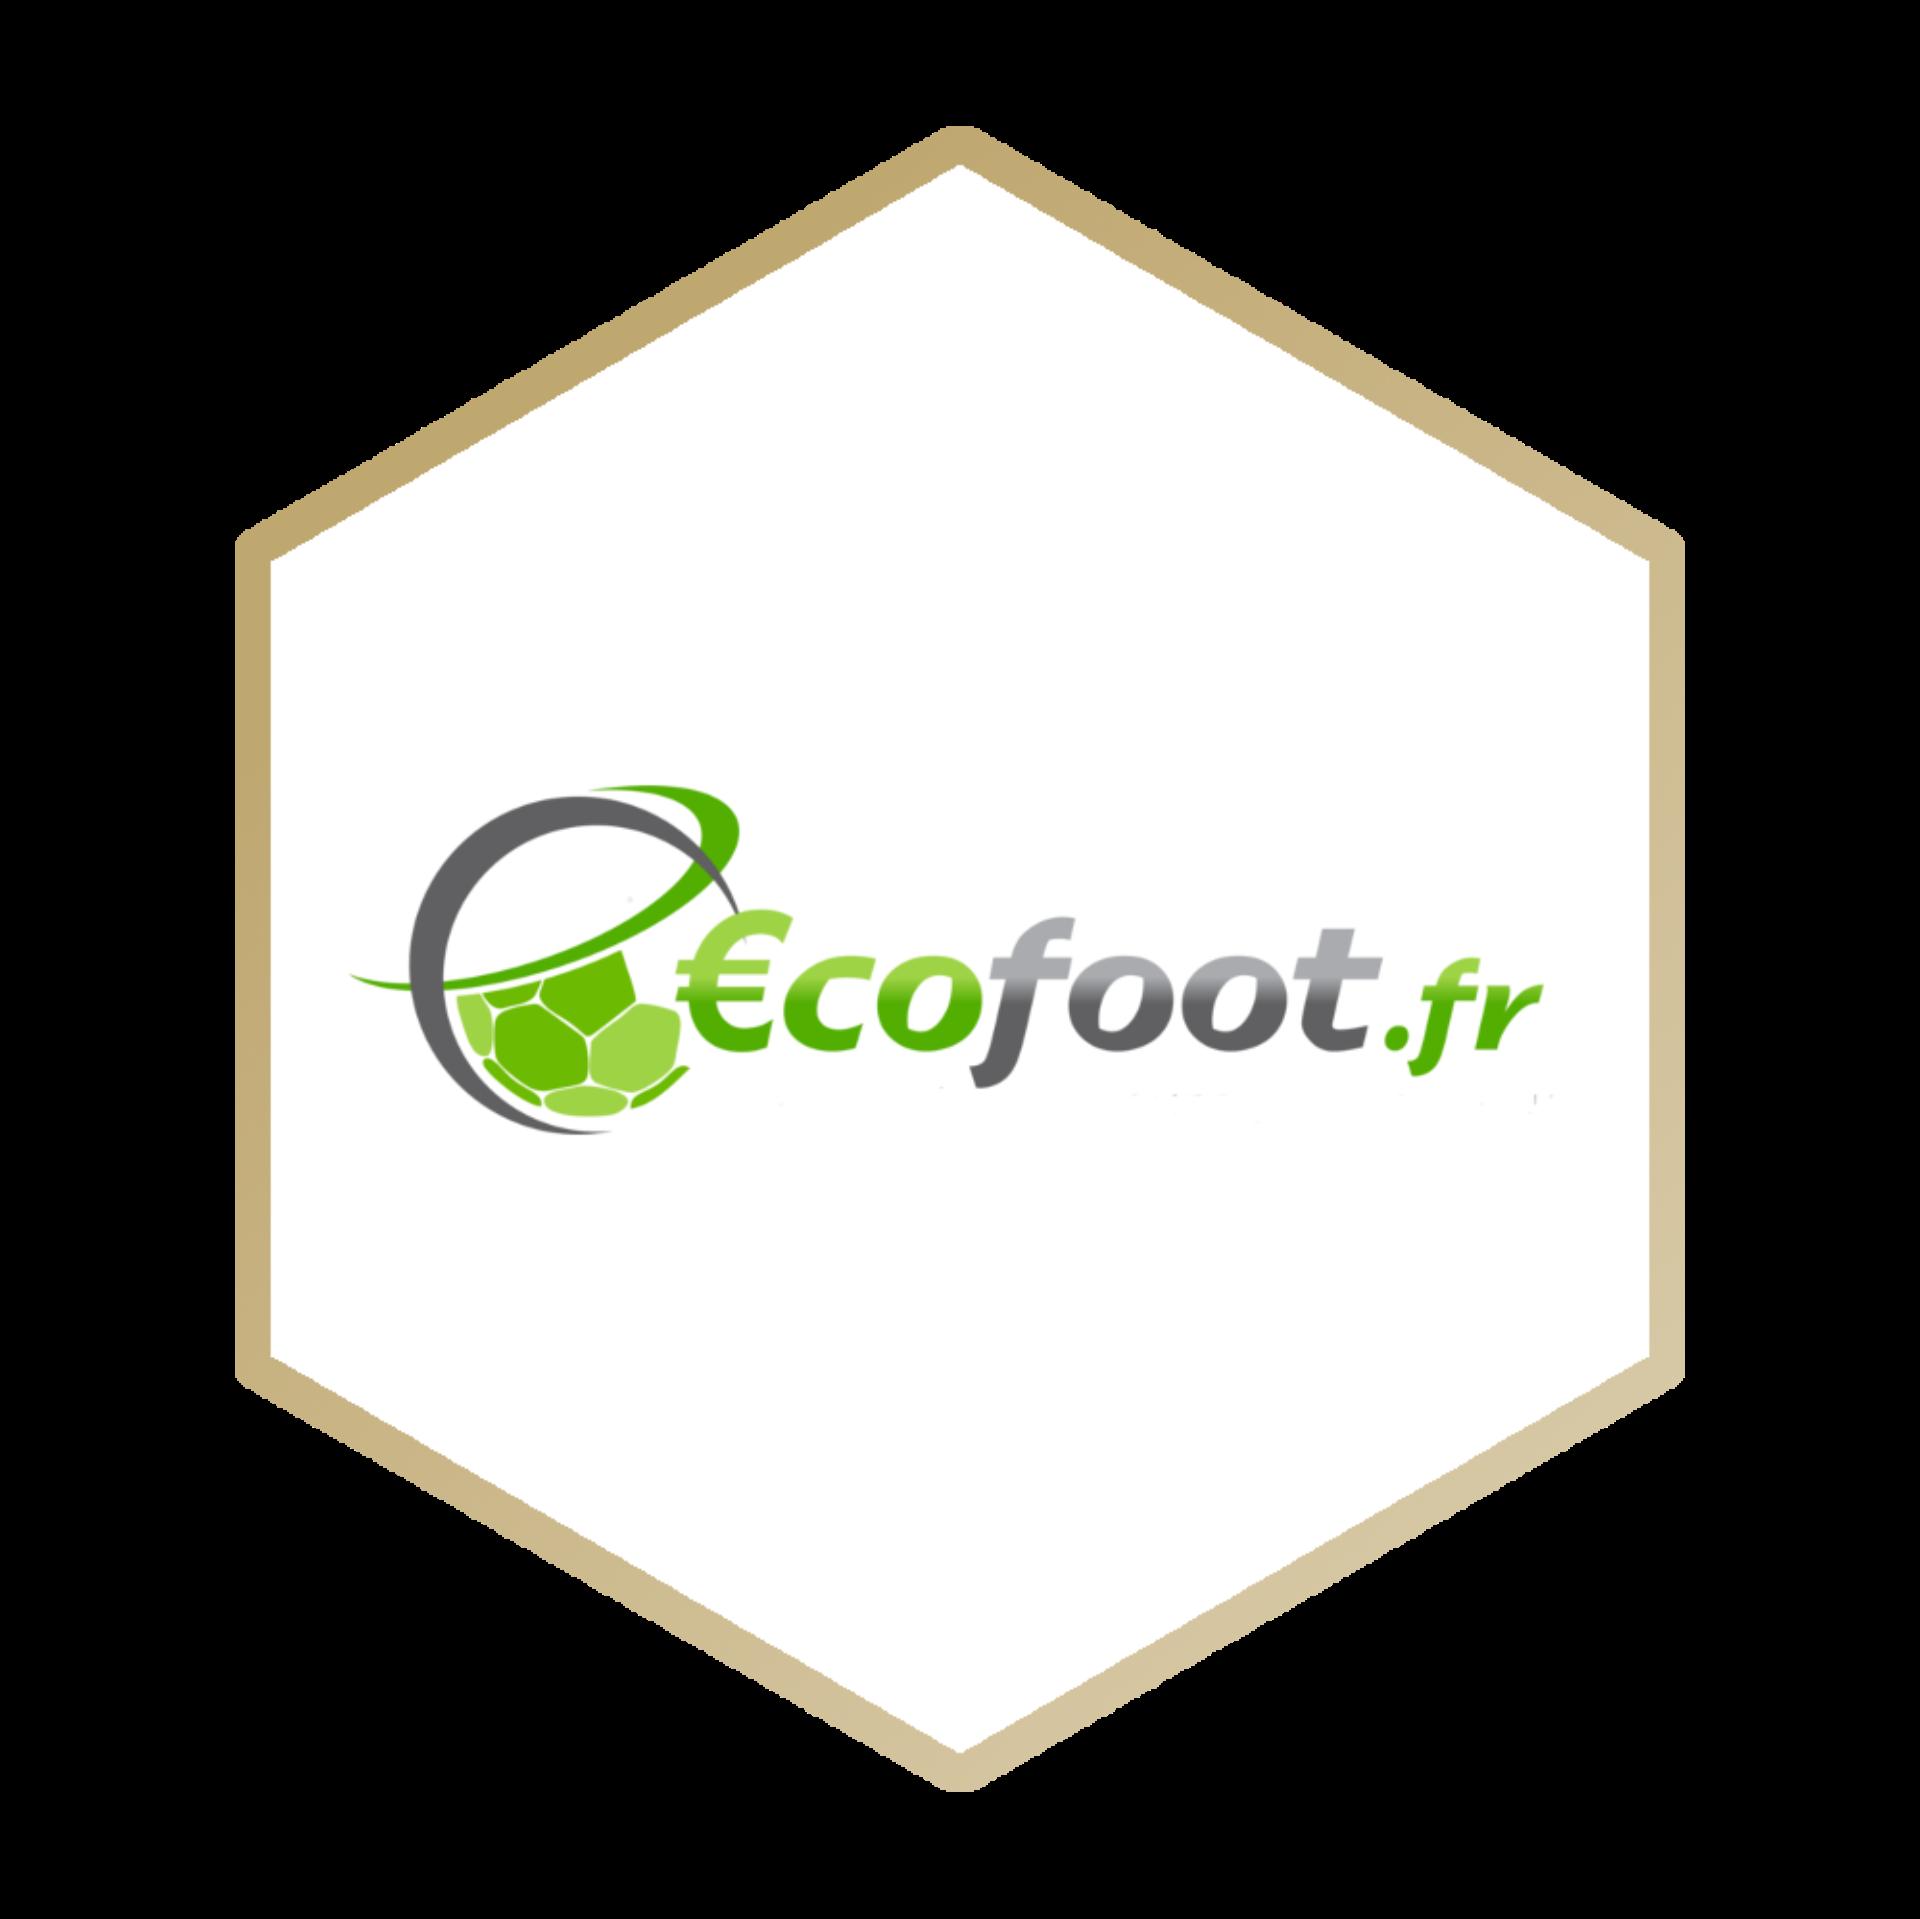 Interview Alexandre Drouet dans Ecofoot.fr